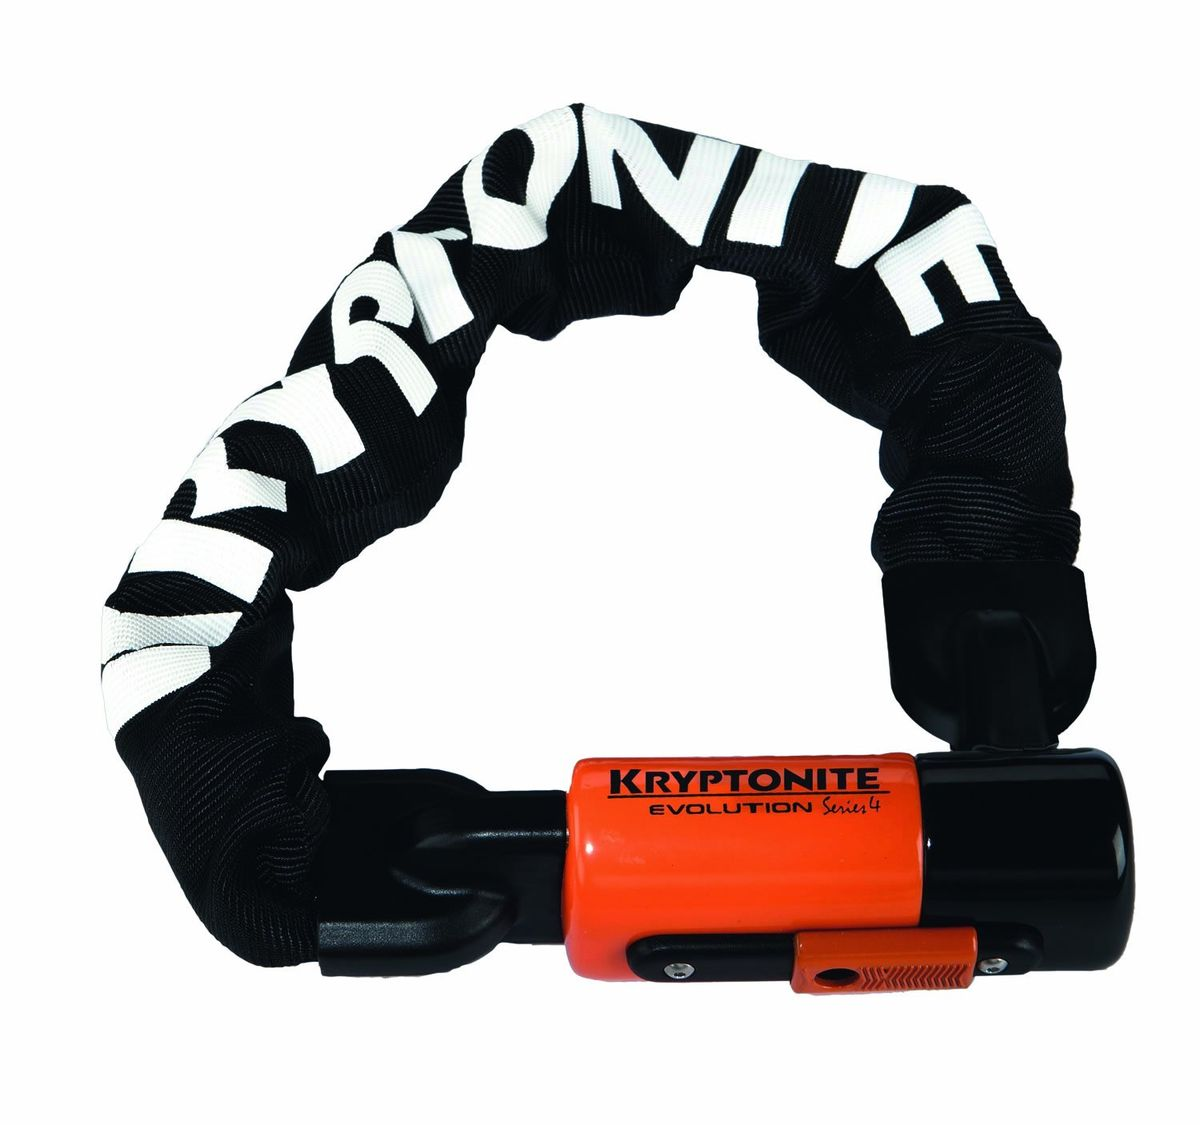 Замок велосипедный Kryptonite Chains Evolution Series 4 1016 Integrated Chain, цвет: черный, 10 мм x 160 см0720018000815Мощная цепь Kryptonite Evolution series 4 1016 с толстыми звеньями способна предотвратить кражу вашего любимого транспортного средства.Преимущества велосипедного замка-цепи Kryptonite Evolution Series 4 1016:- Компактные размеры;- Защита 8 баллов из 10 возможных по шкале Kryptonite для велосипедных замков; - Три ключа из нержавеющей стали в комплекте (1 с Led-подсветкой);- Key-Safe Program (2 дополнительных дубликата при потере ключа); - Прочный нейлоновый чехол защищающий лакокрасочные покрытия от царапин;- Виниловое покрытие замка;- Закаленные звенья, толщиной 10 мм из марганцевой стали;- Длина цепи 160 см, позволяет закрепить сразу несколько велосипедов;- Защита от пыли и влаги.